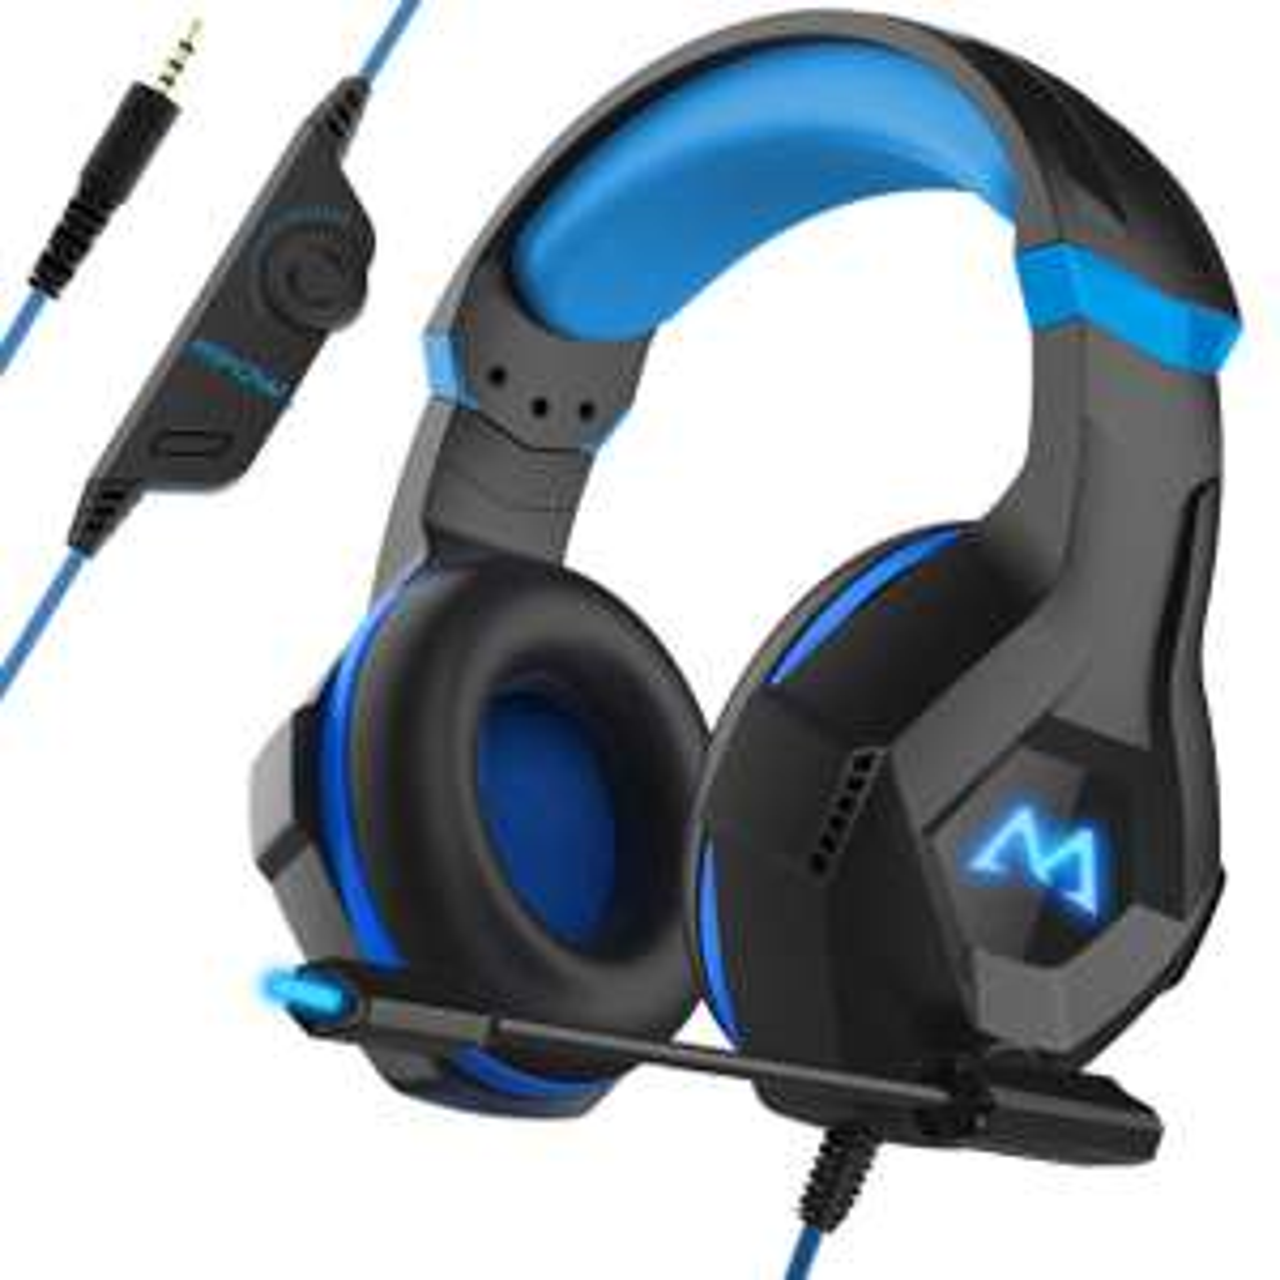 [Prime] Casque-Micro Gaming Mpow EG9 - RGB, Câble 2m avec Commandes (Vendeur tiers)